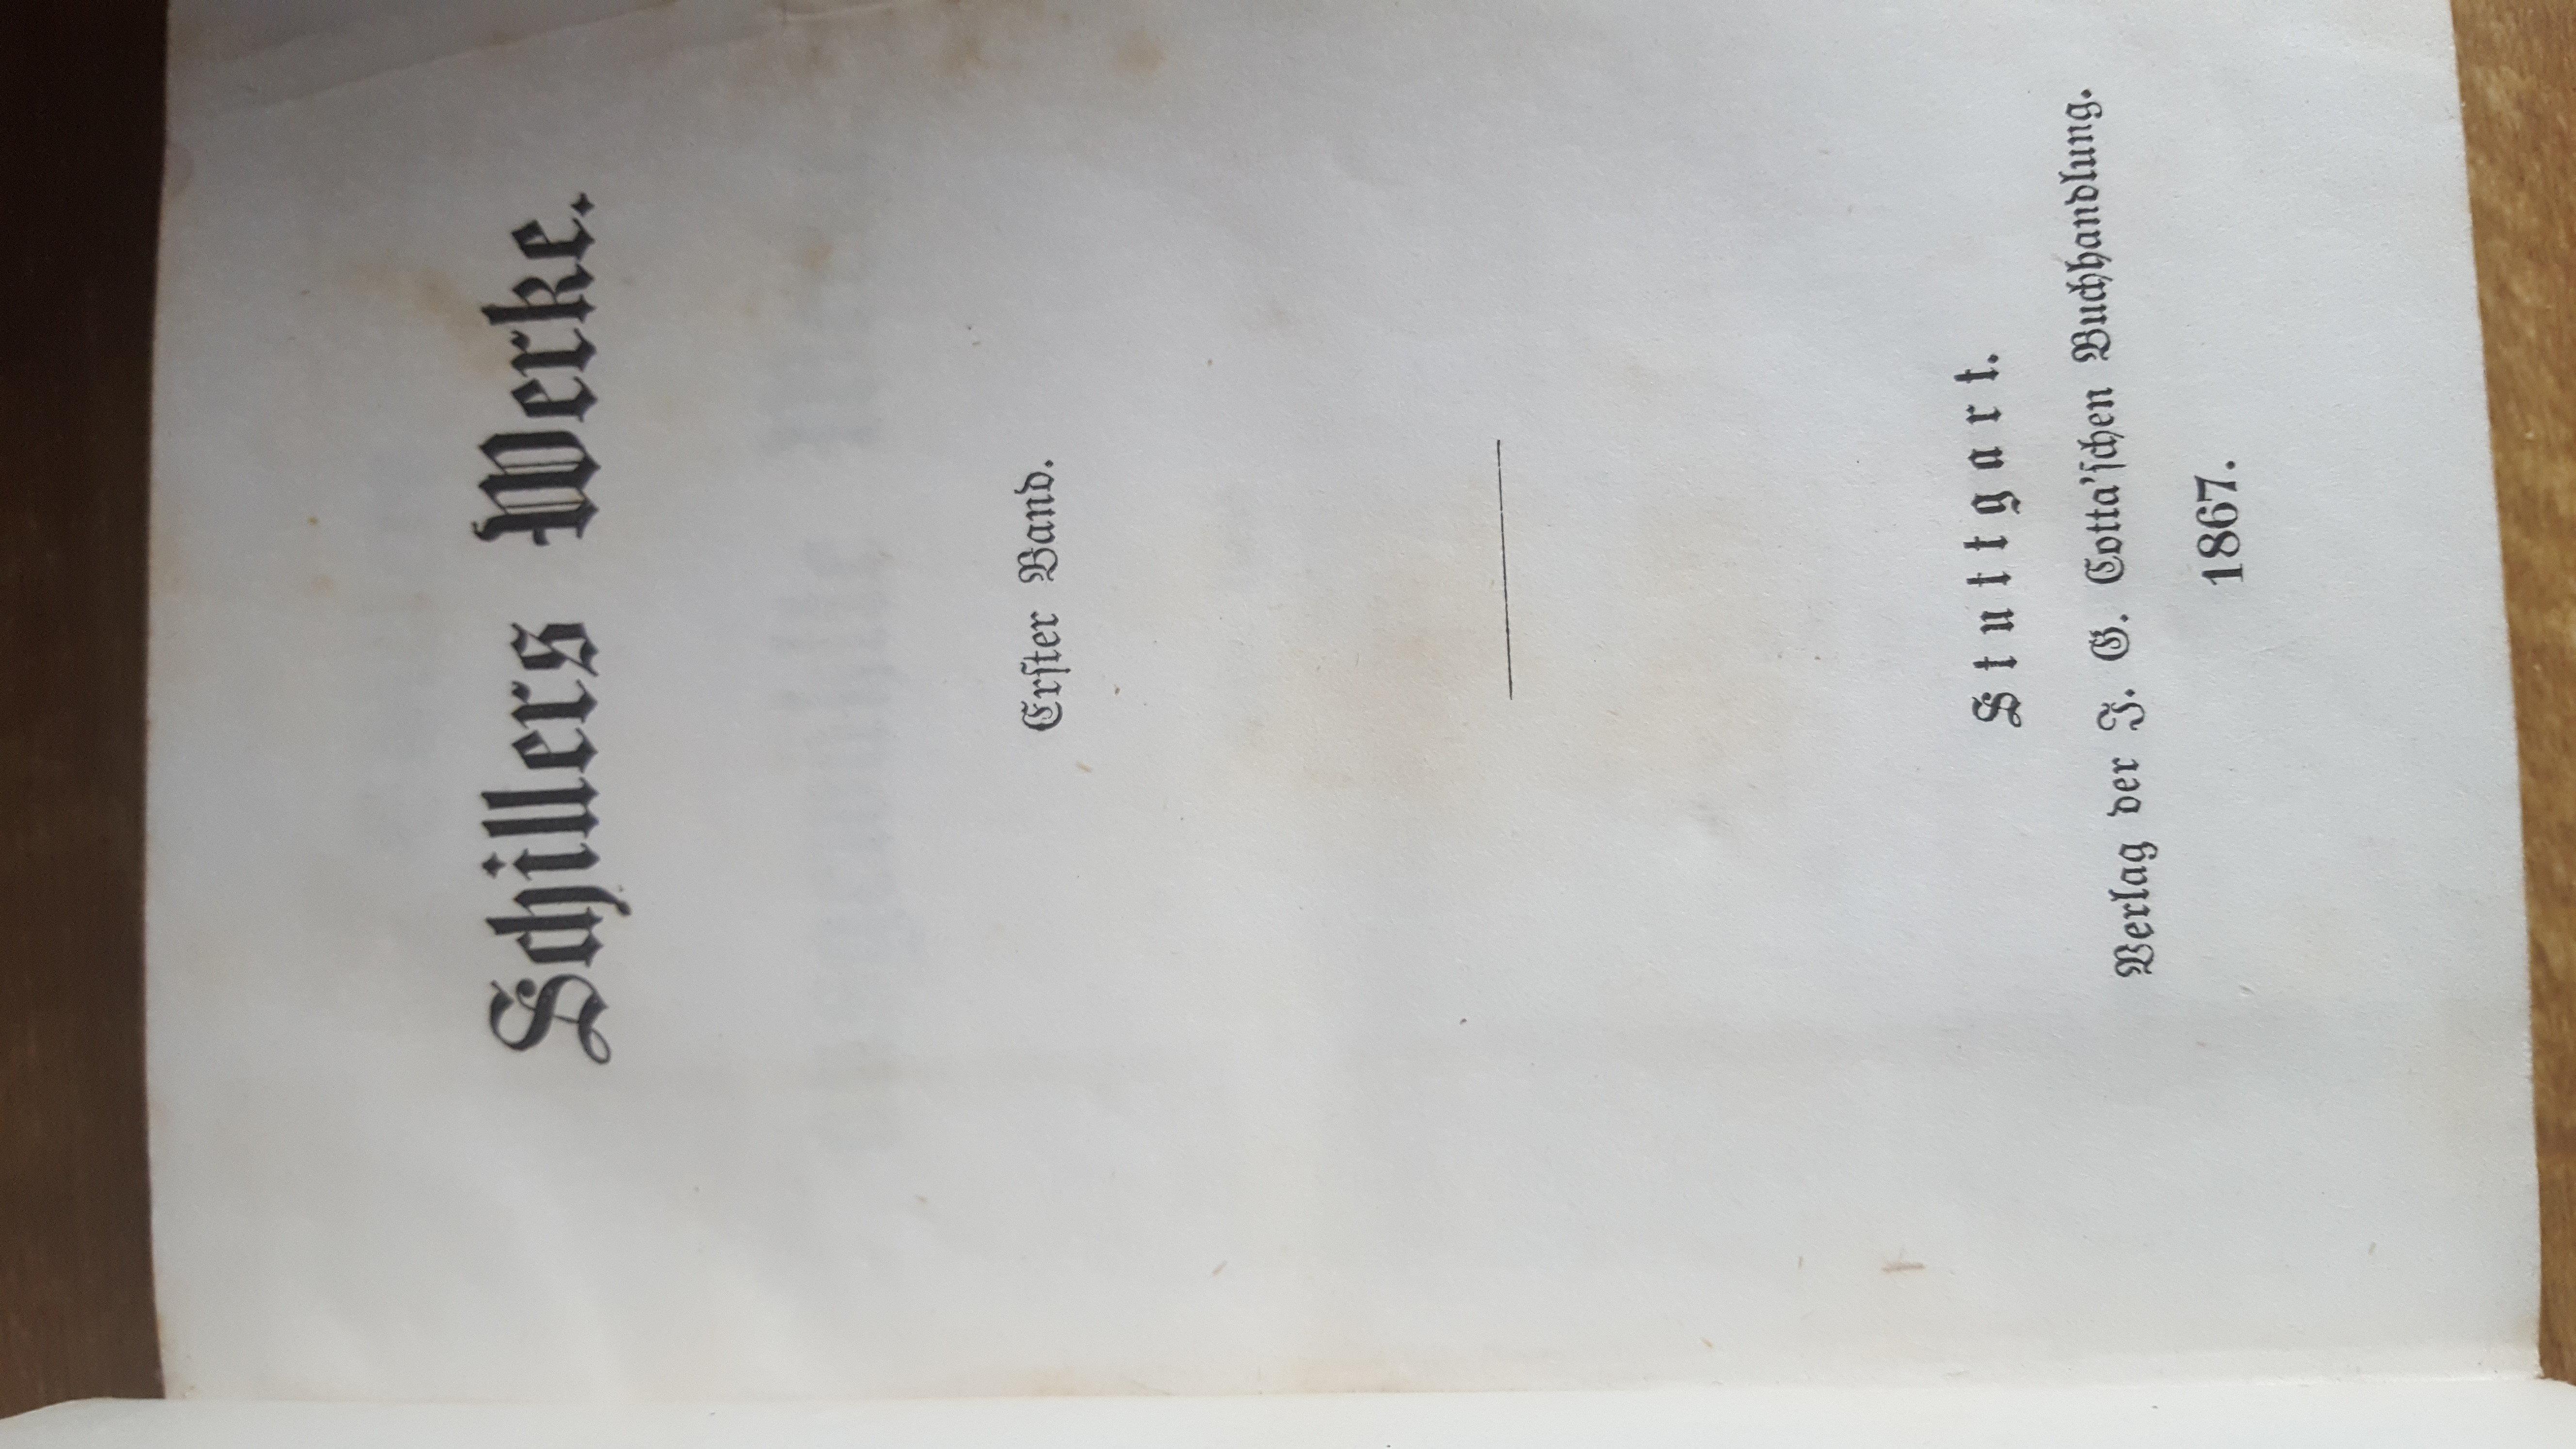 Schillers ausgewählte Werke 12 Bände in 6 Büchern   1867 .